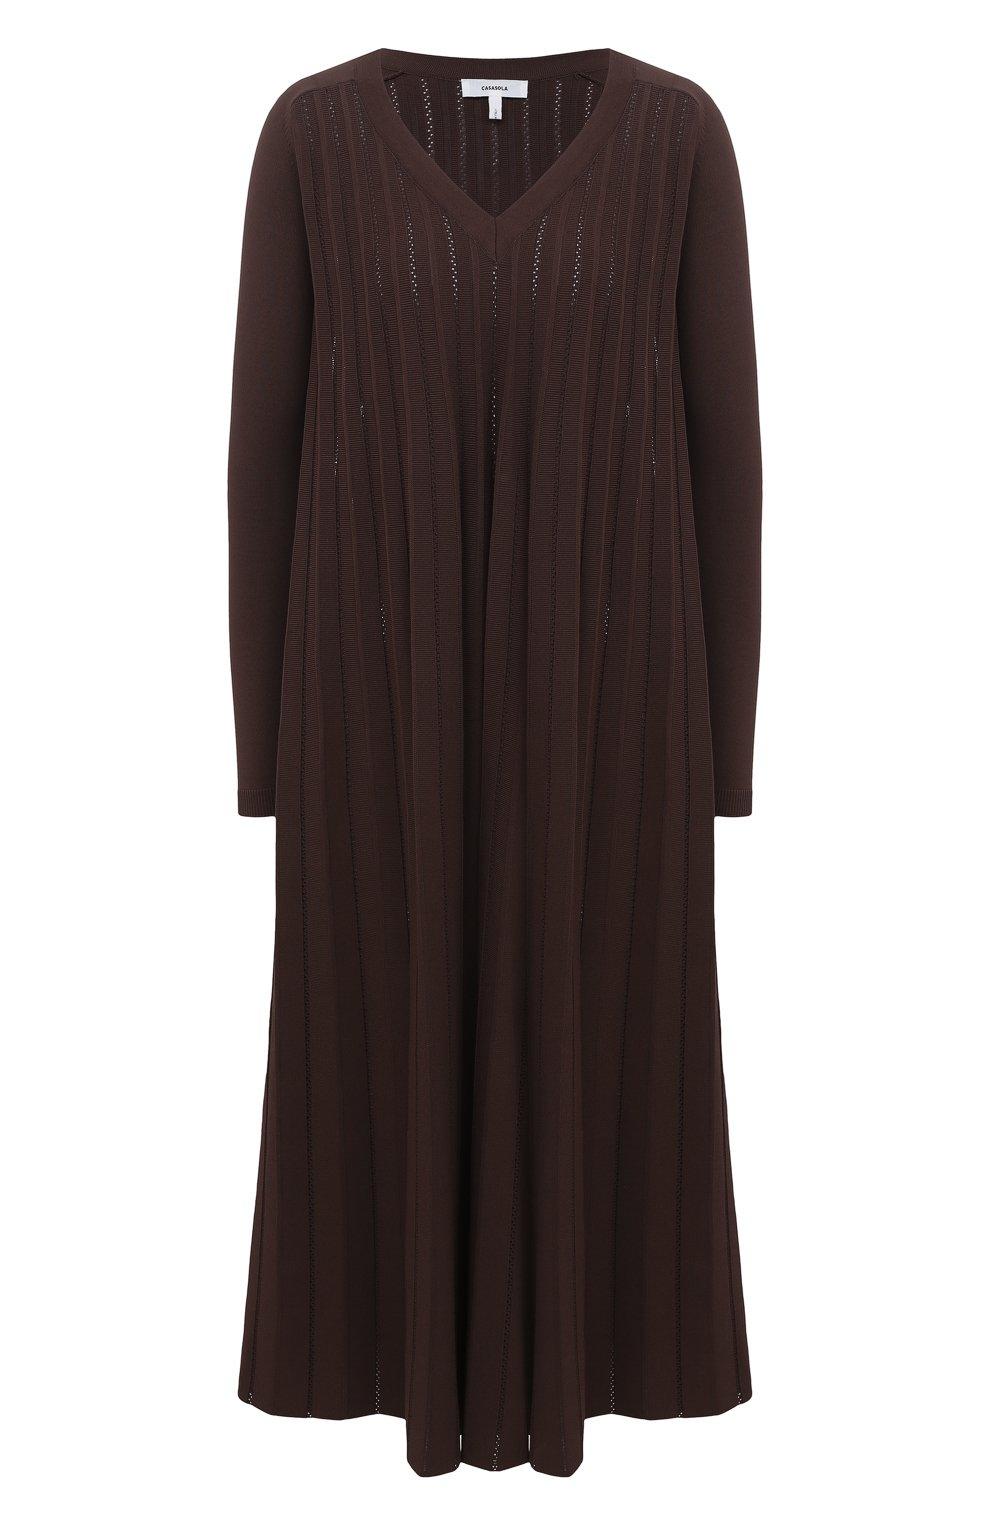 Женское платье из вискозы CASASOLA коричневого цвета, арт. DRS-C-CARLA/VISC0SE | Фото 1 (Рукава: Длинные; Случай: Повседневный; Длина Ж (юбки, платья, шорты): Миди; Материал внешний: Вискоза; Женское Кросс-КТ: Платье-одежда)